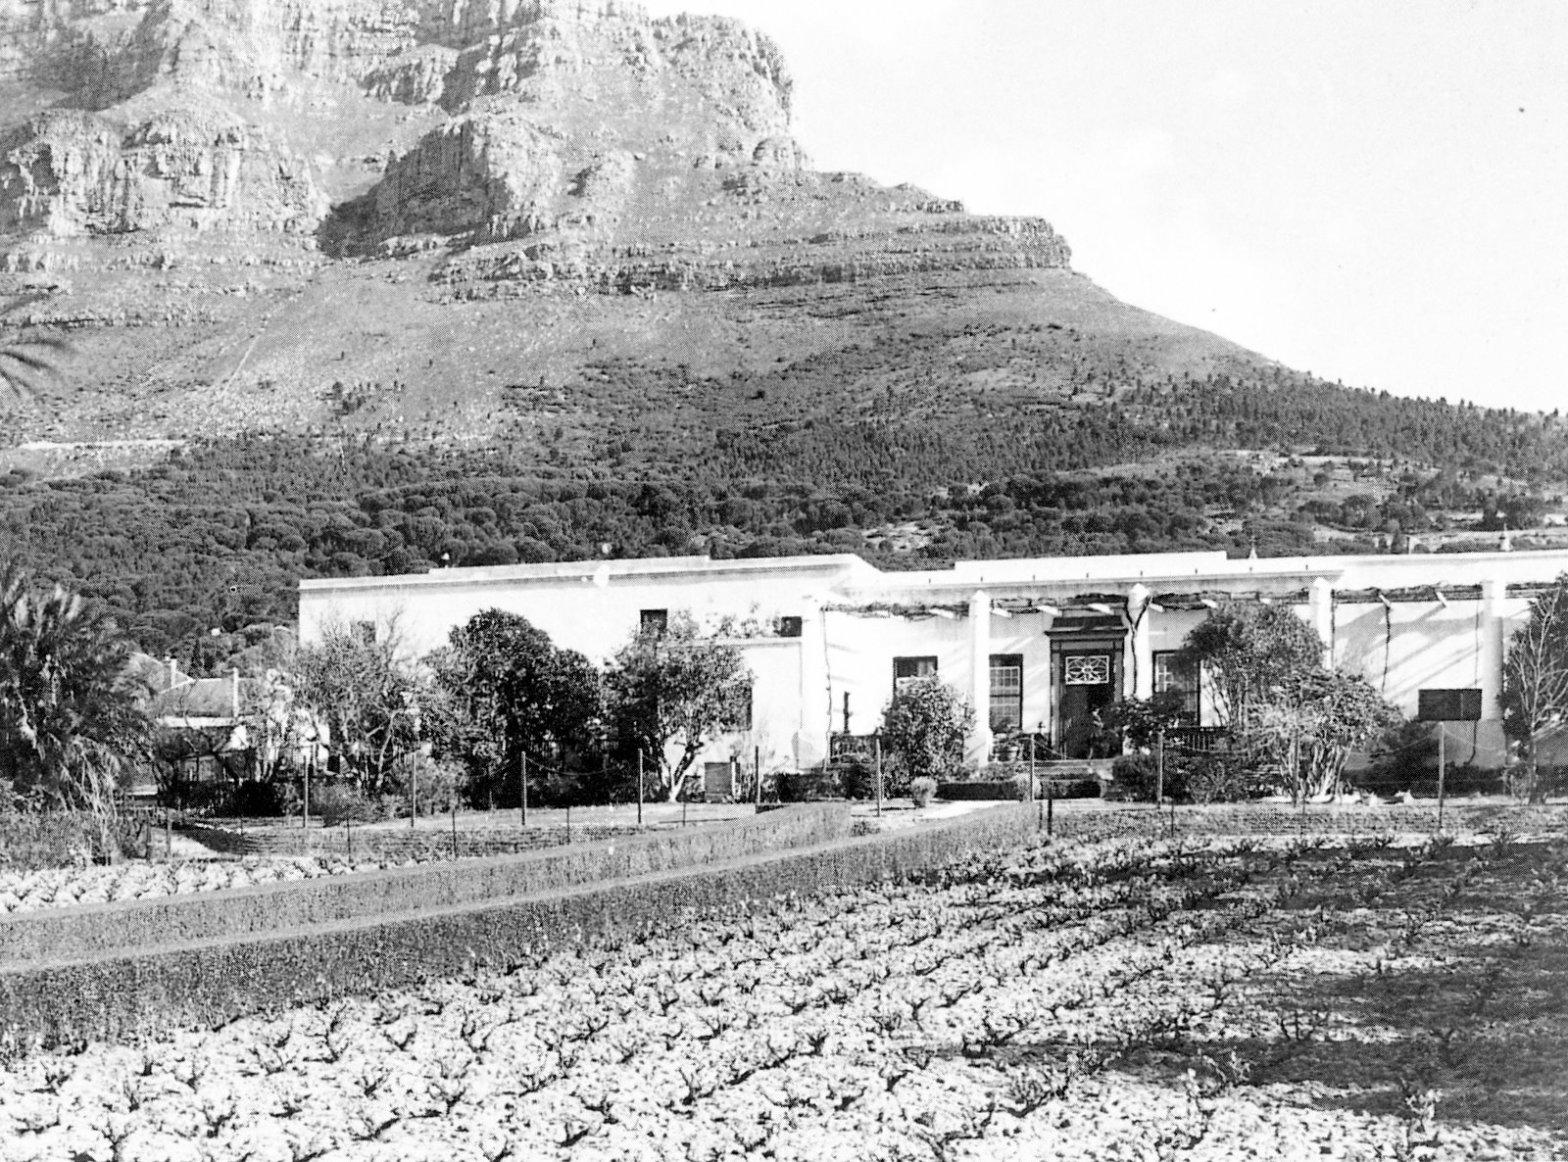 Welgemeend, Kaapstad, 1901